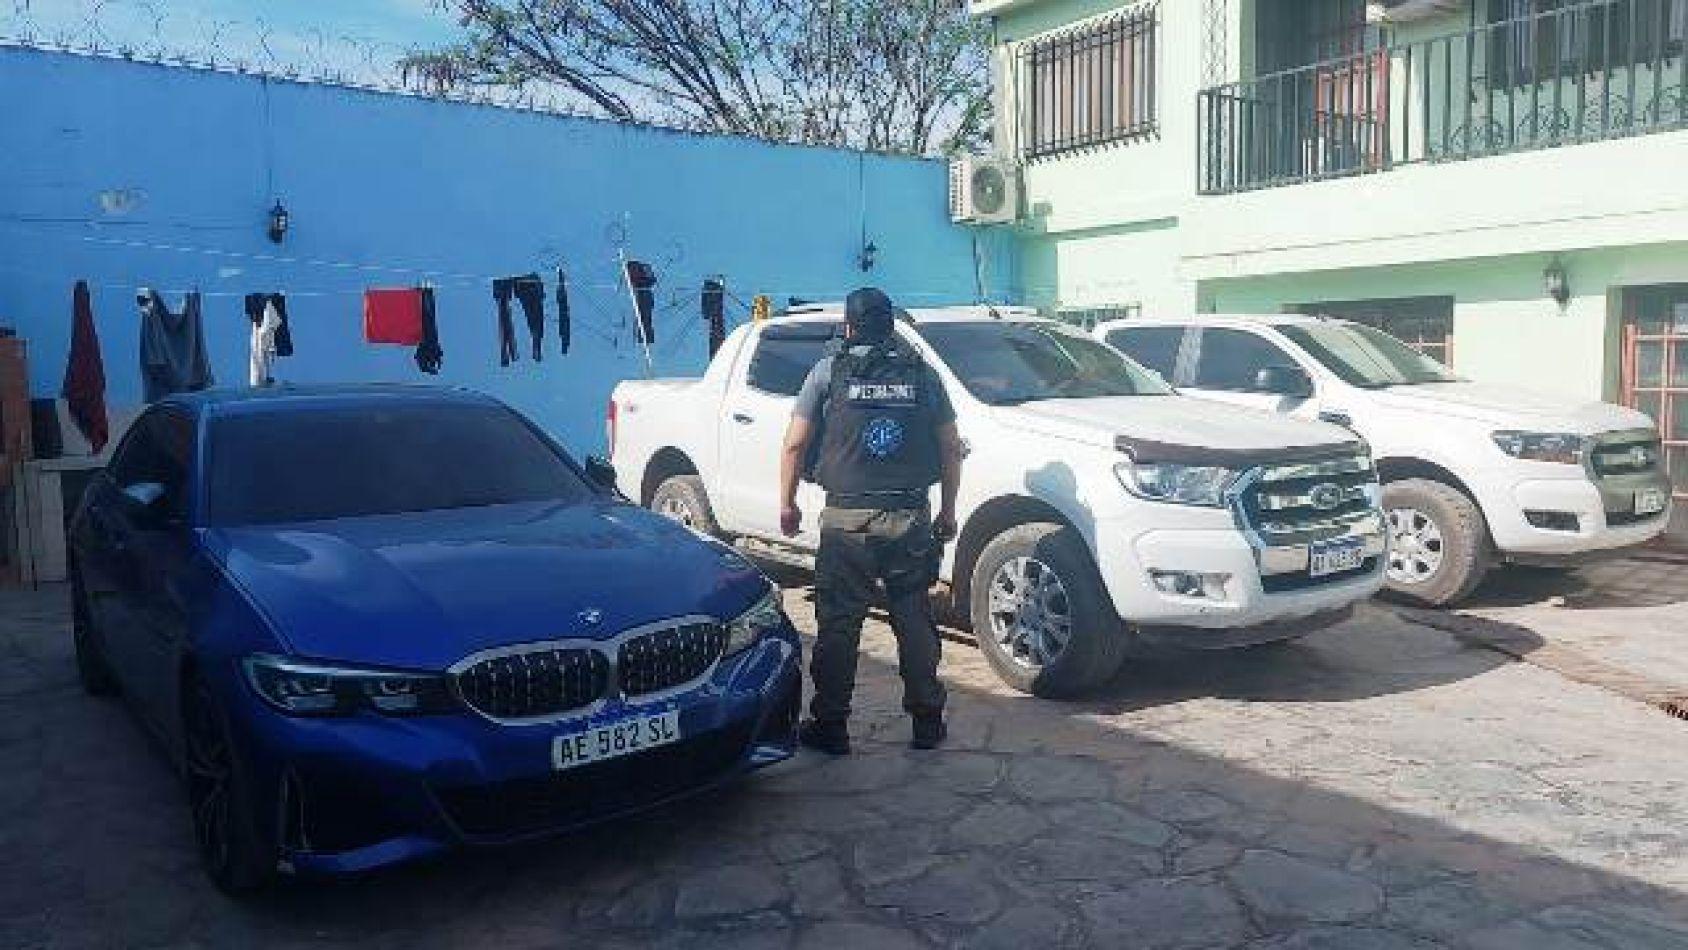 Escándalo en Salvador Mazza: allanaron la casa del Intendente y secuestraron vehículos de alta gama, dinero y armas